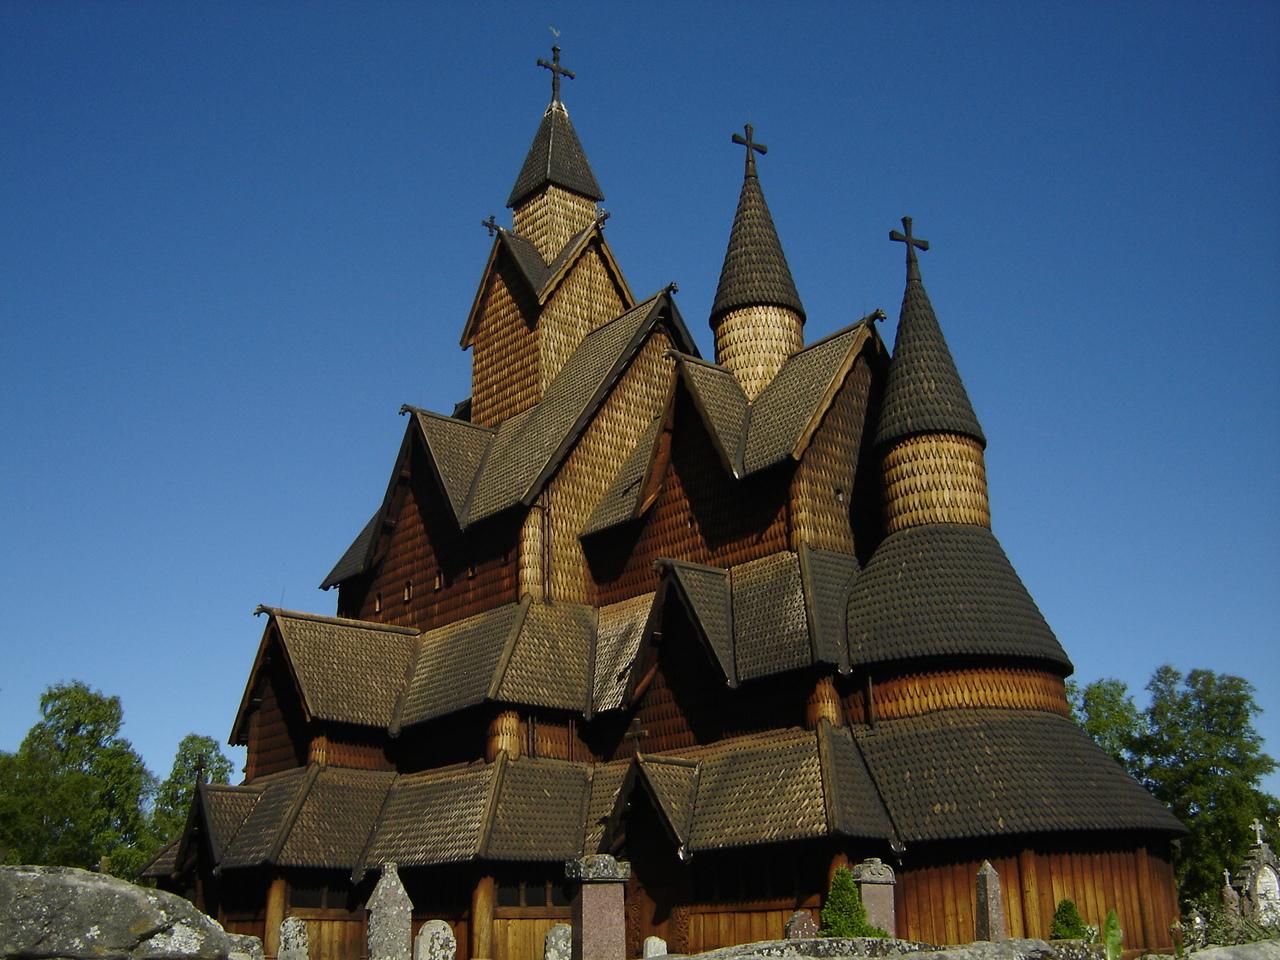 Fil:Stavkirke heddal 02.jpg - Wikipedia